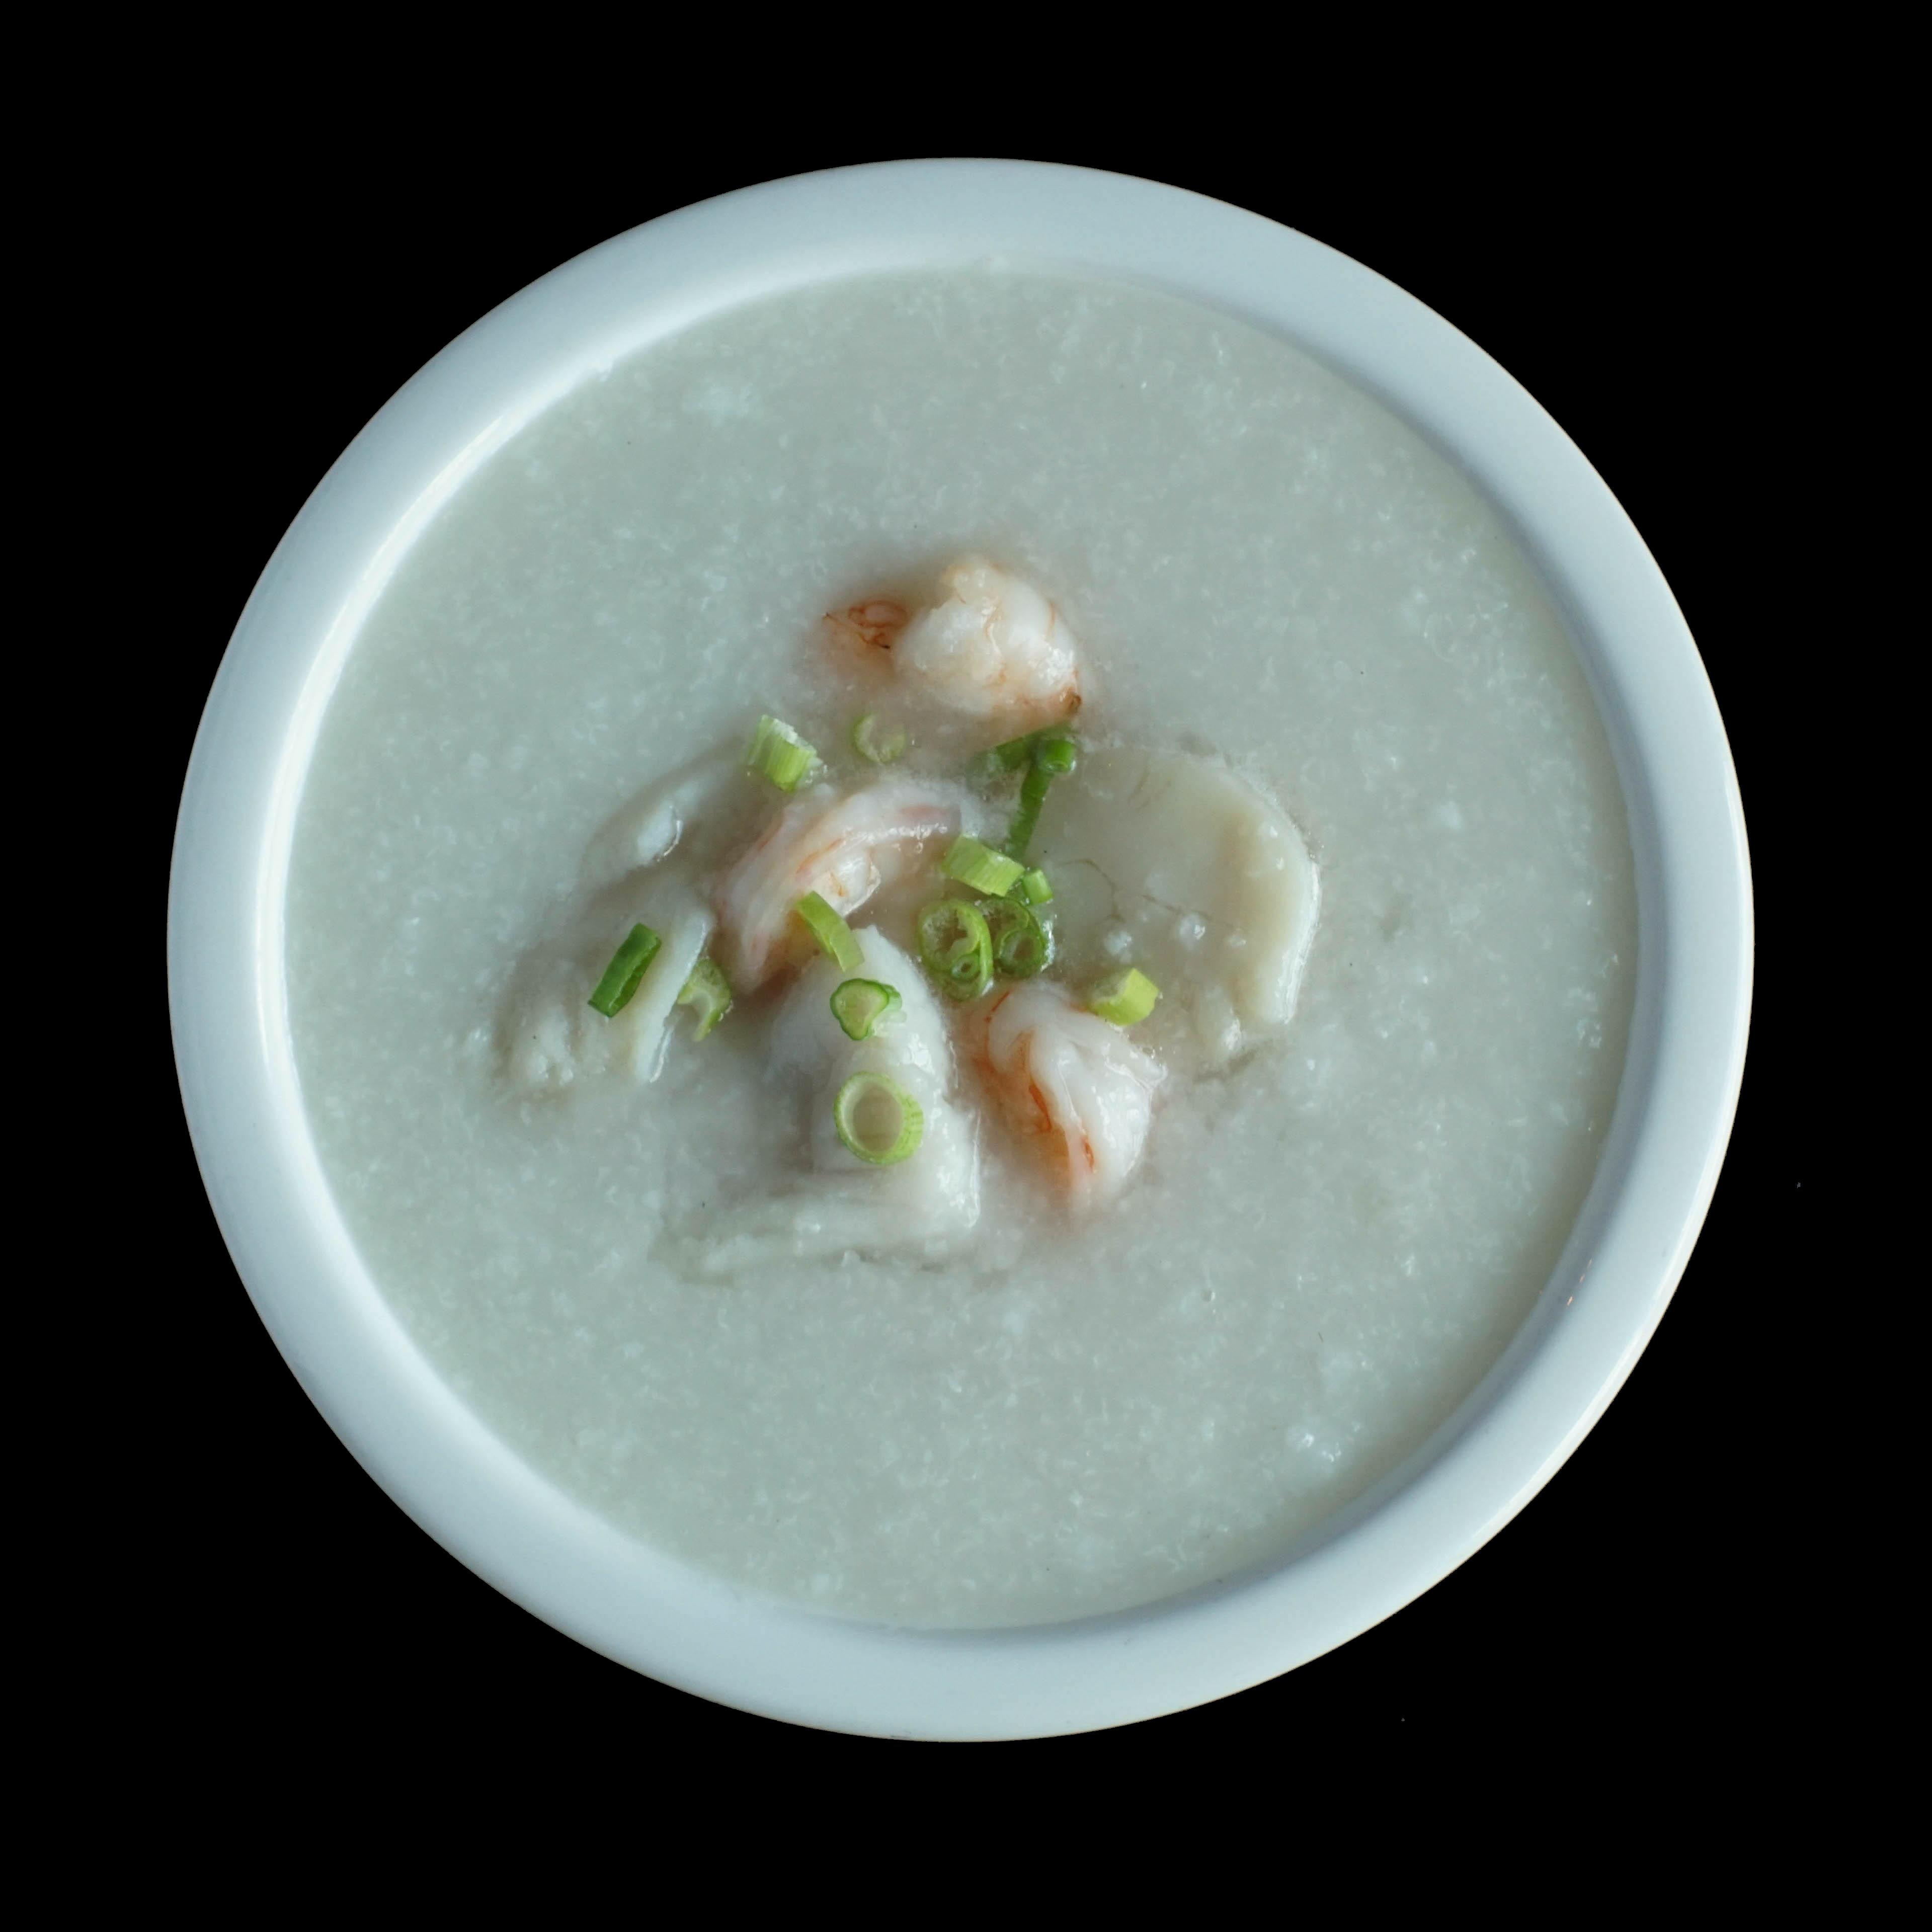 122. 海鲜 Seafood Congee